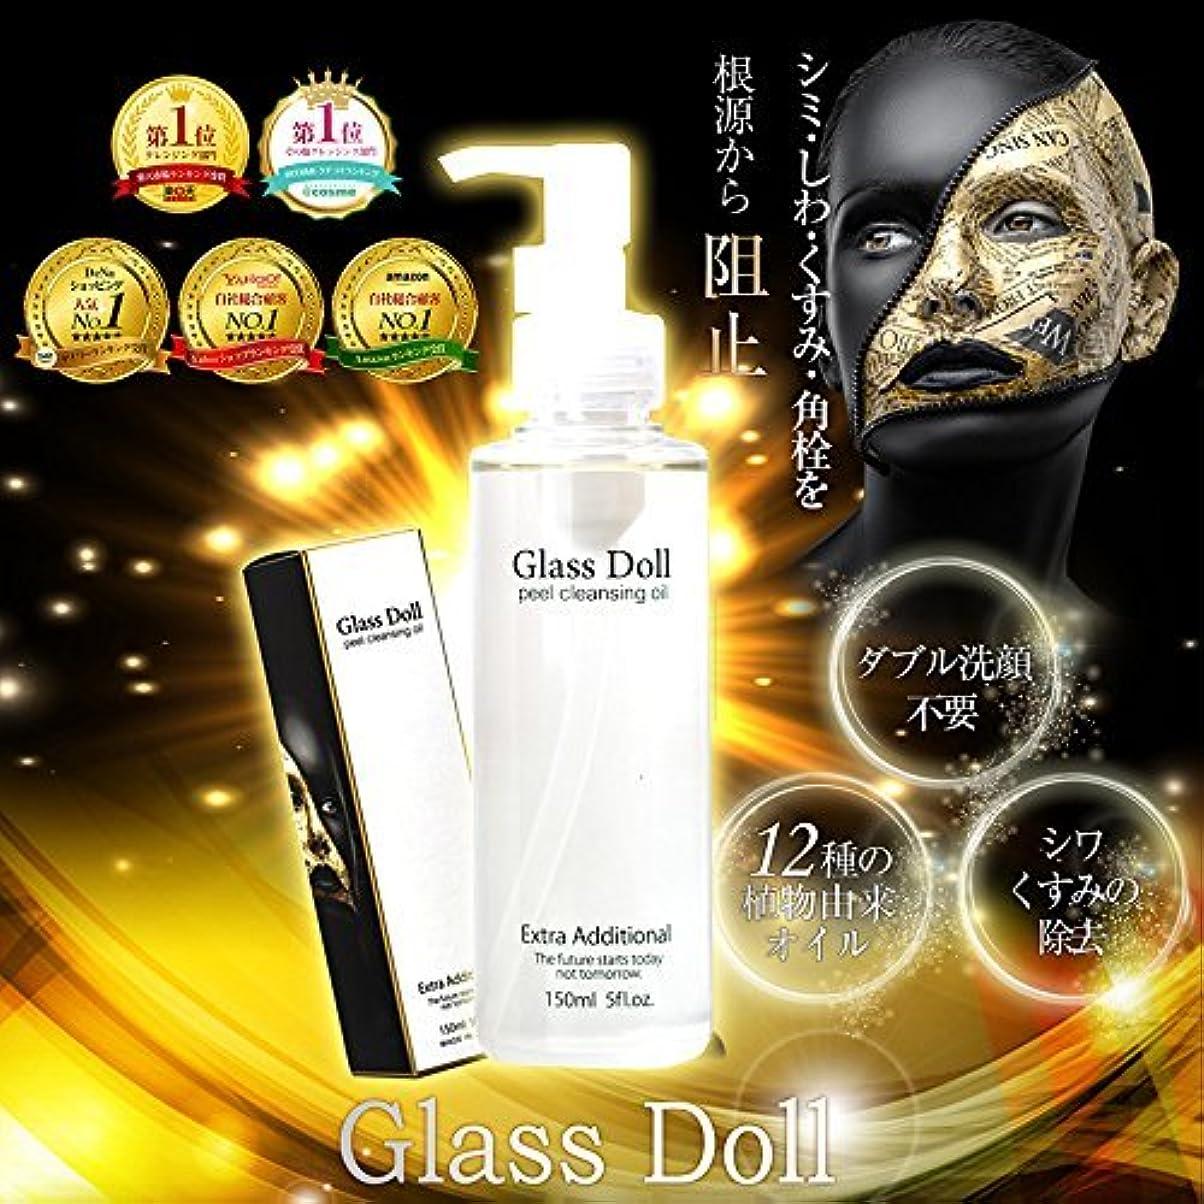 一杯ビリージョイントGlass Doll Peel cleansing oil グラスドール 2個セット ピール クレンジング オイル